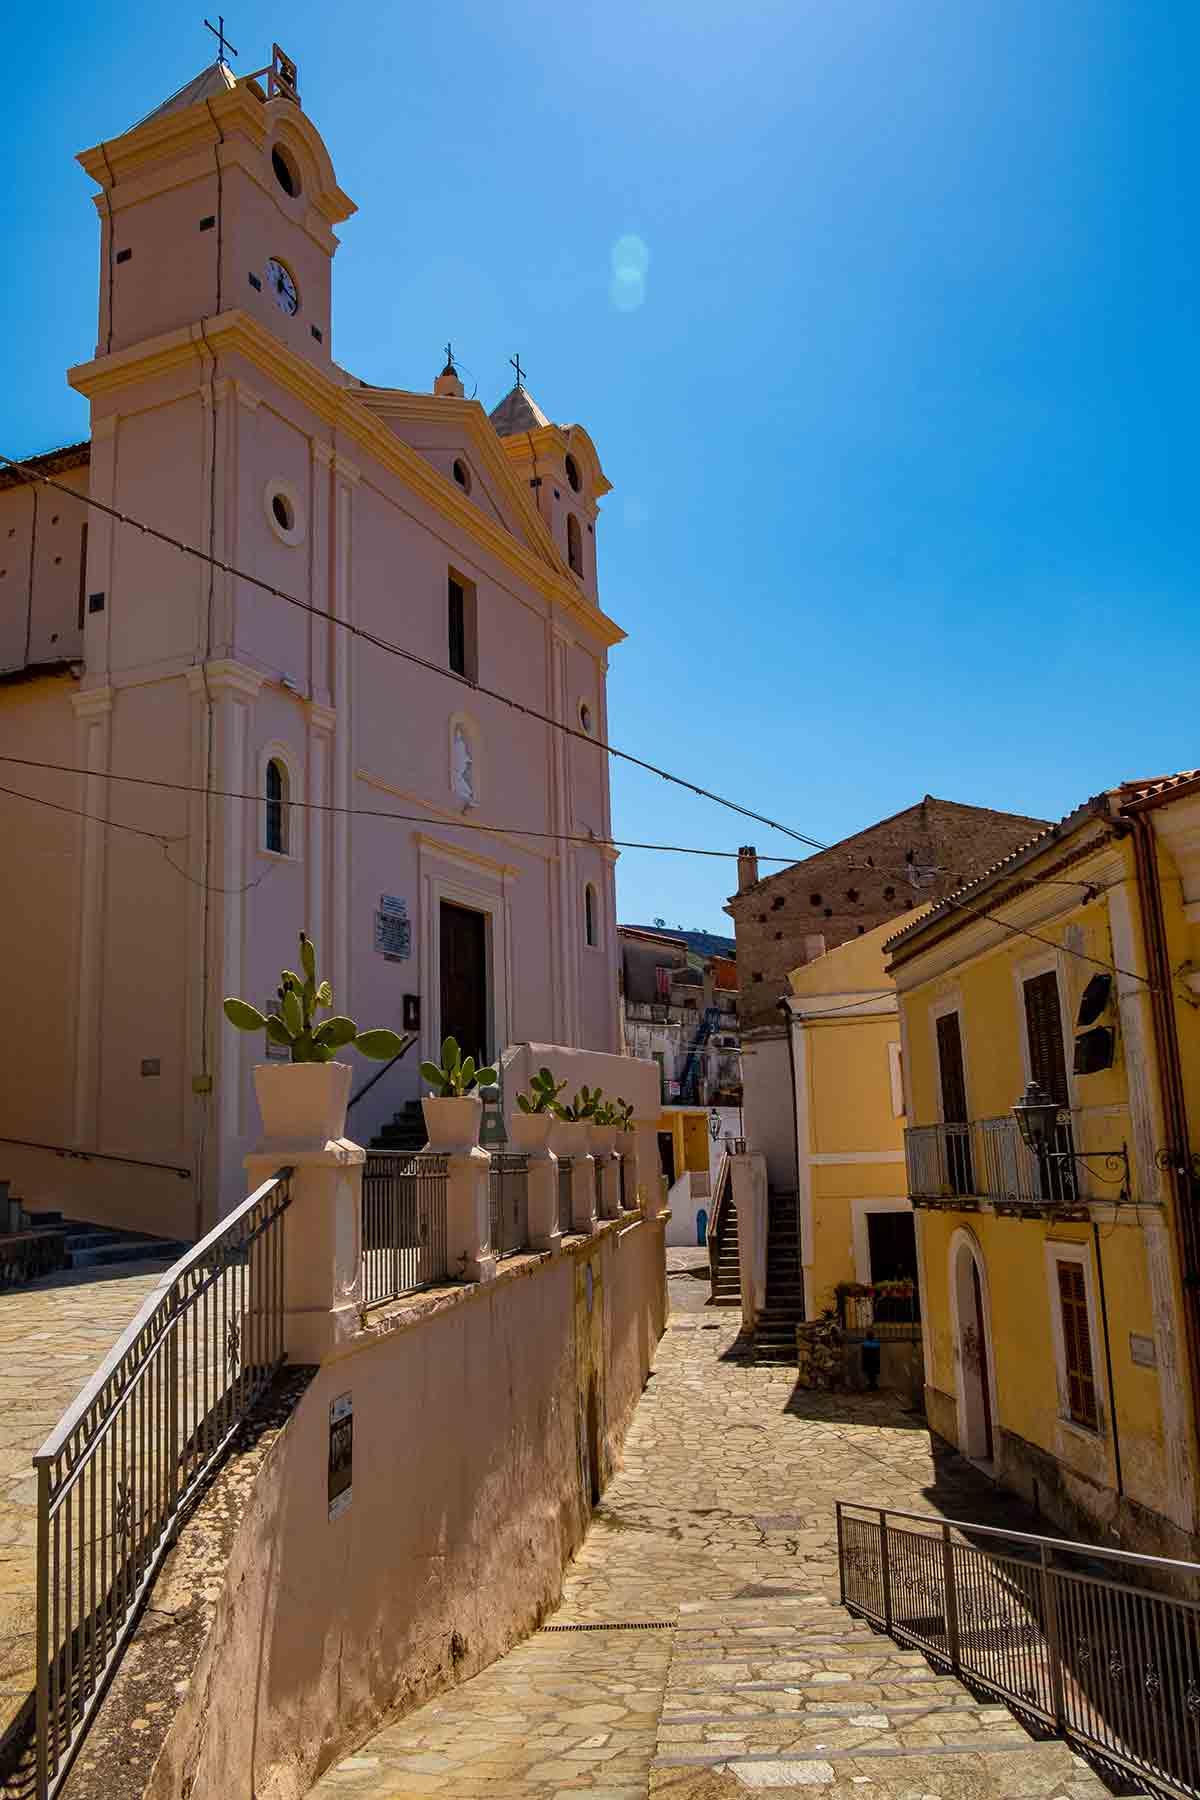 Chiesa San Nicola da Tolentino di San Nicola Arcella